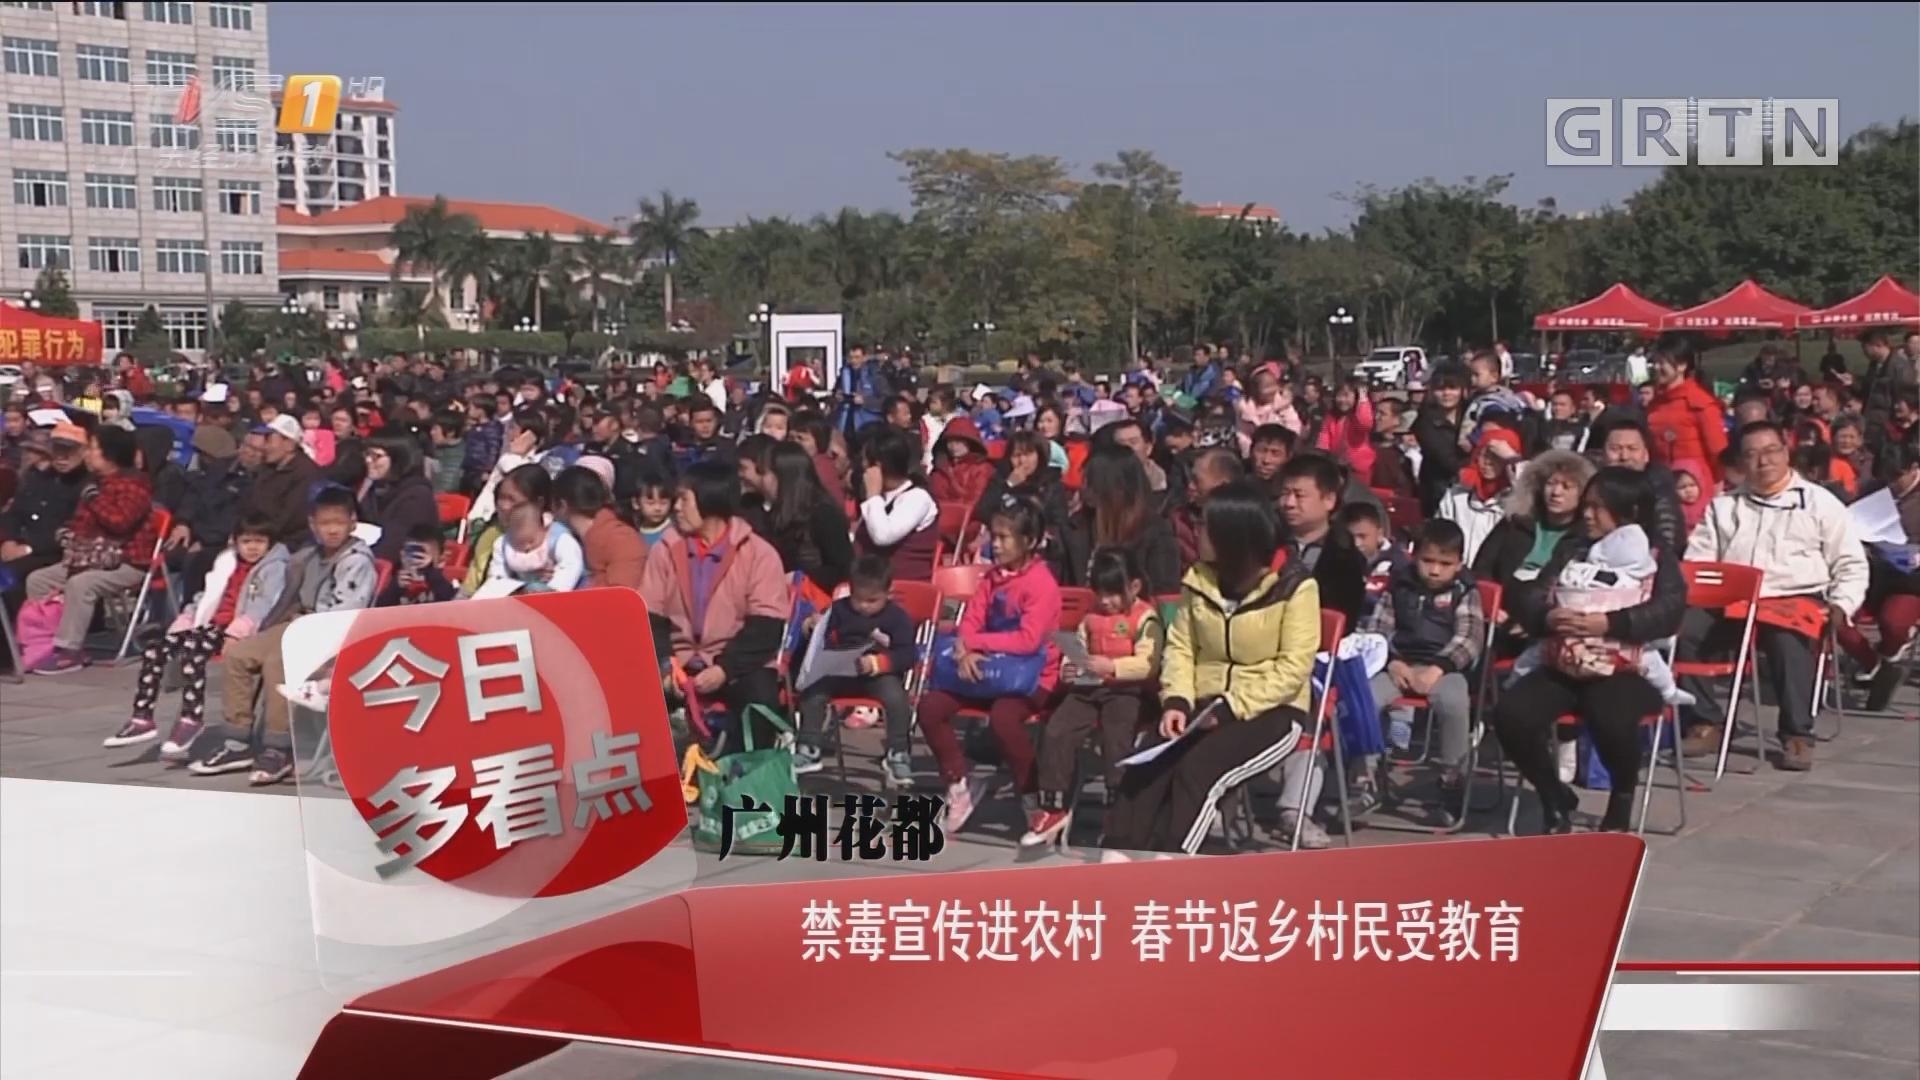 广州花都:禁毒宣传进农村 春节返乡村民受教育